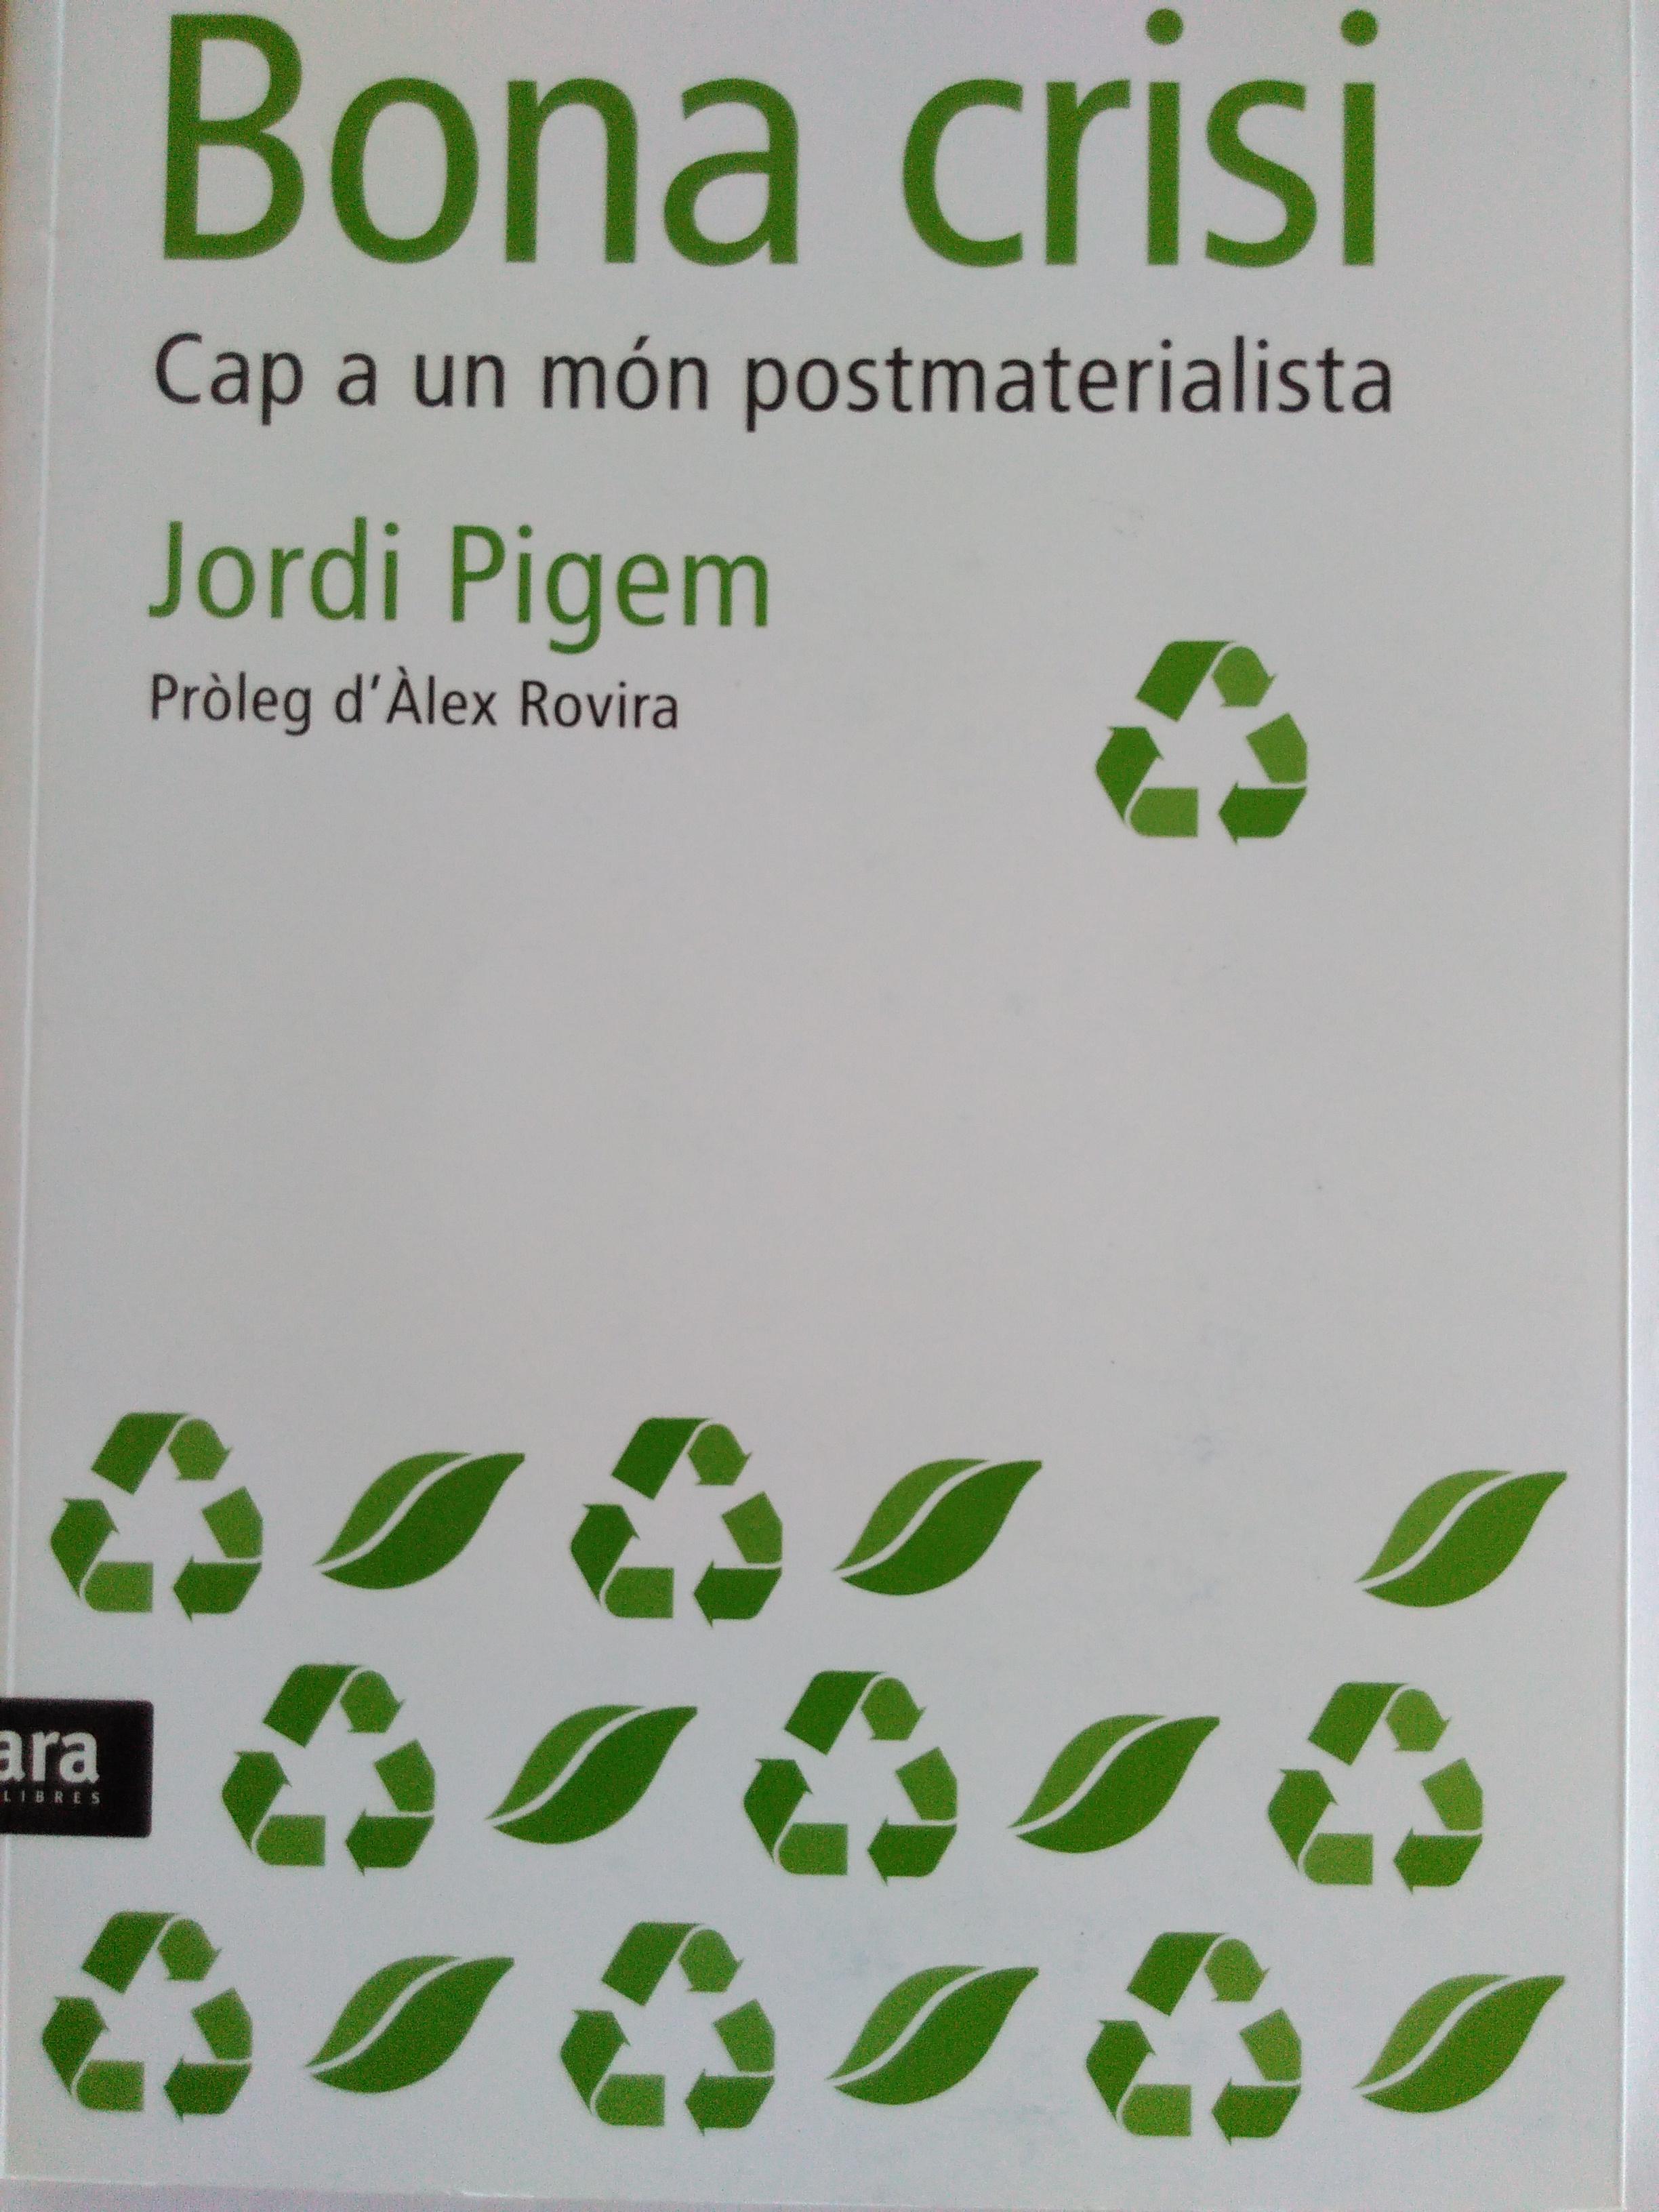 Bona crisi. Cap a un món postmaterialista. Jordi Pigem. 2009